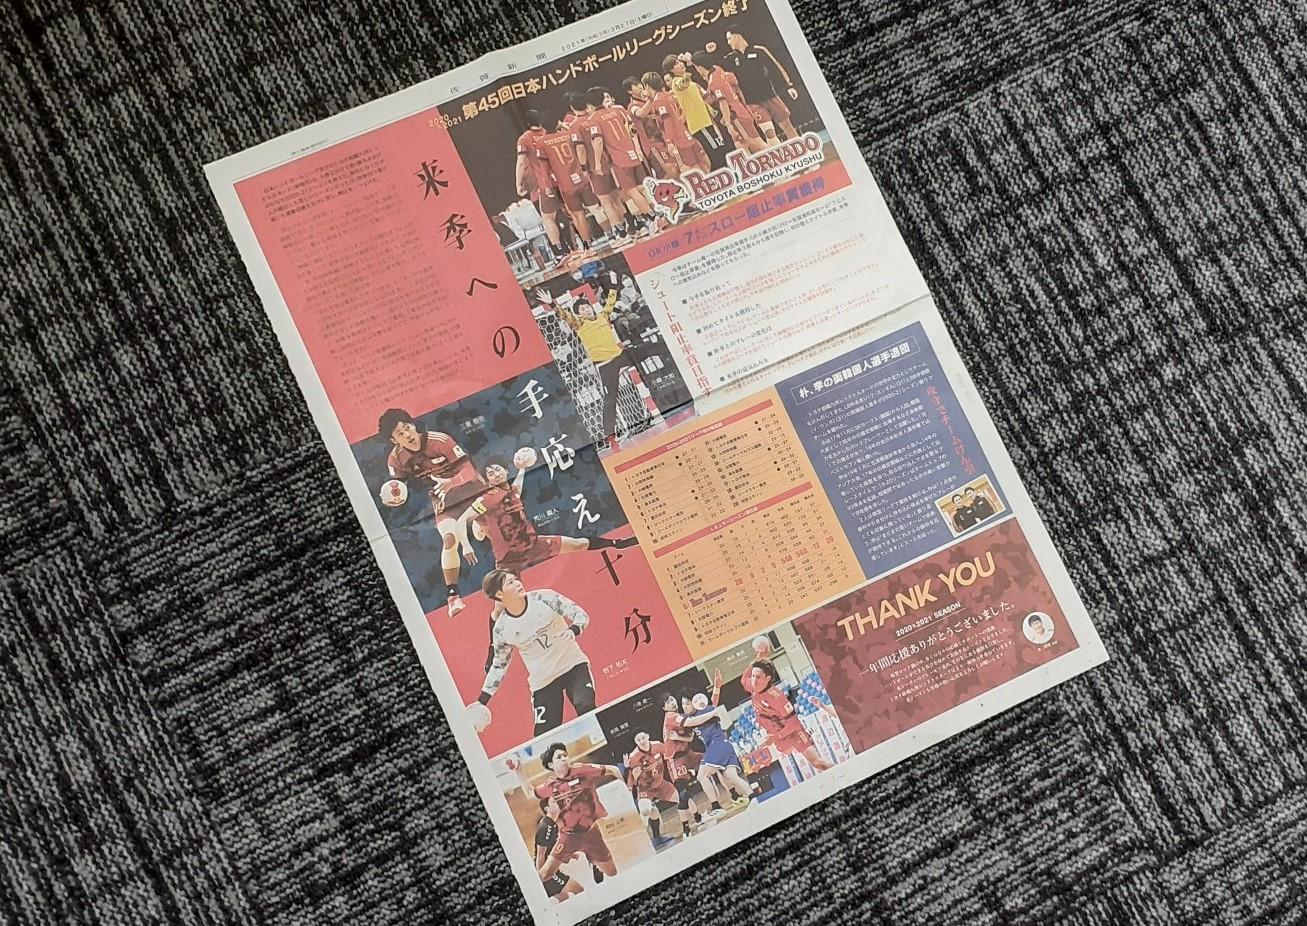 【メディア】「来季への手応えあり」。佐賀新聞に今季回顧特集(3月27日)